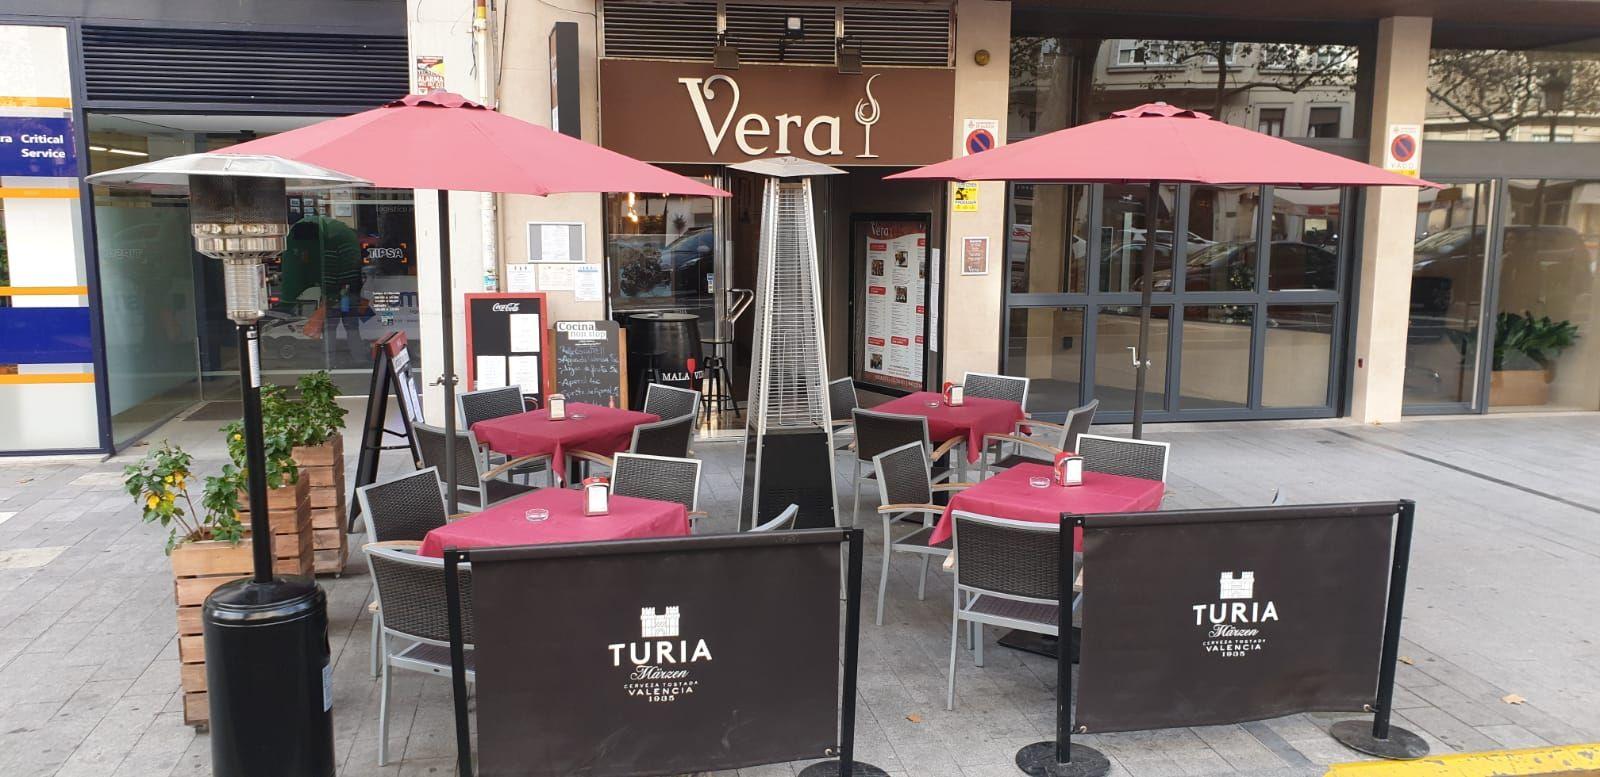 Foto 27 de Restaurante ecuatoriano en Valencia   Vera Restaurante